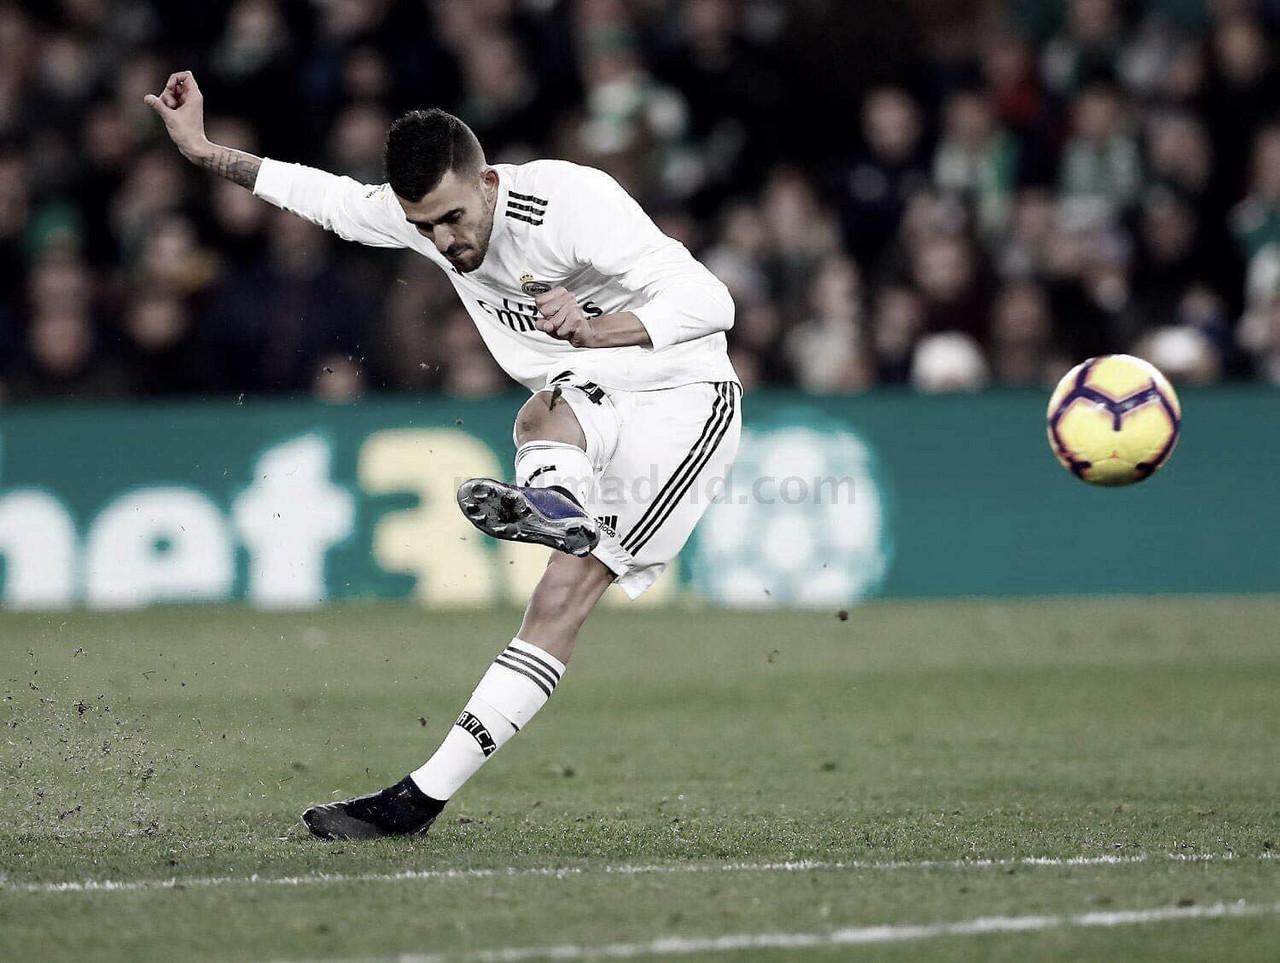 Y 273 días después: Ceballos volvía a hacer un gol de falta para el Real Madrid